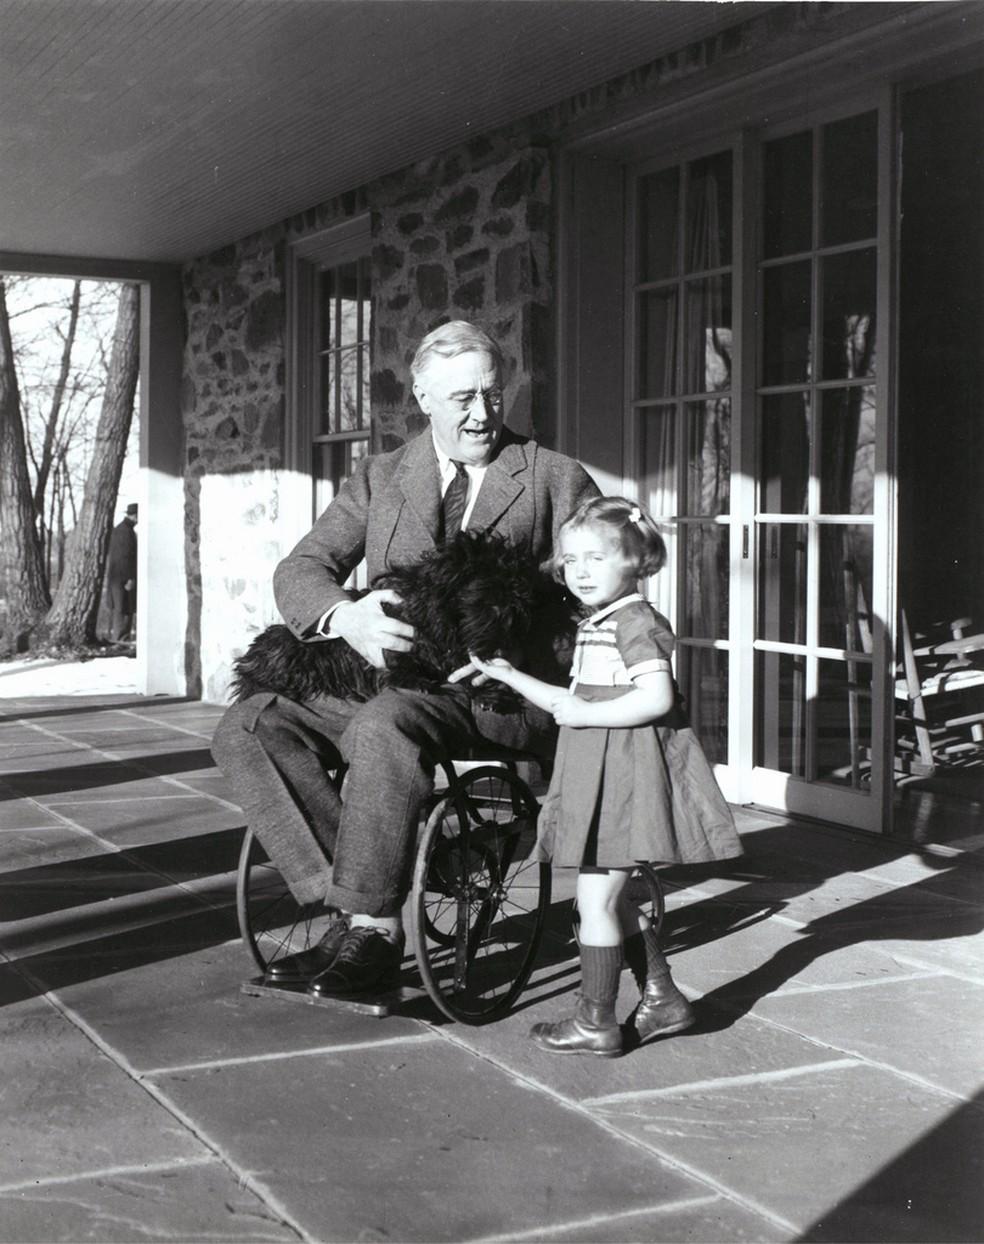 """Muitos historiadores destacam a enfermidade de Roosevelt como um importante ponto de inflexão em sua vida como político - arrogante antes de contrair a doença, ele passou a demonstrar uma personalidade humilde. (Foto:  Margaret """"Daisy"""" Suckley/1921/FDR Presidential Library & Museum)"""